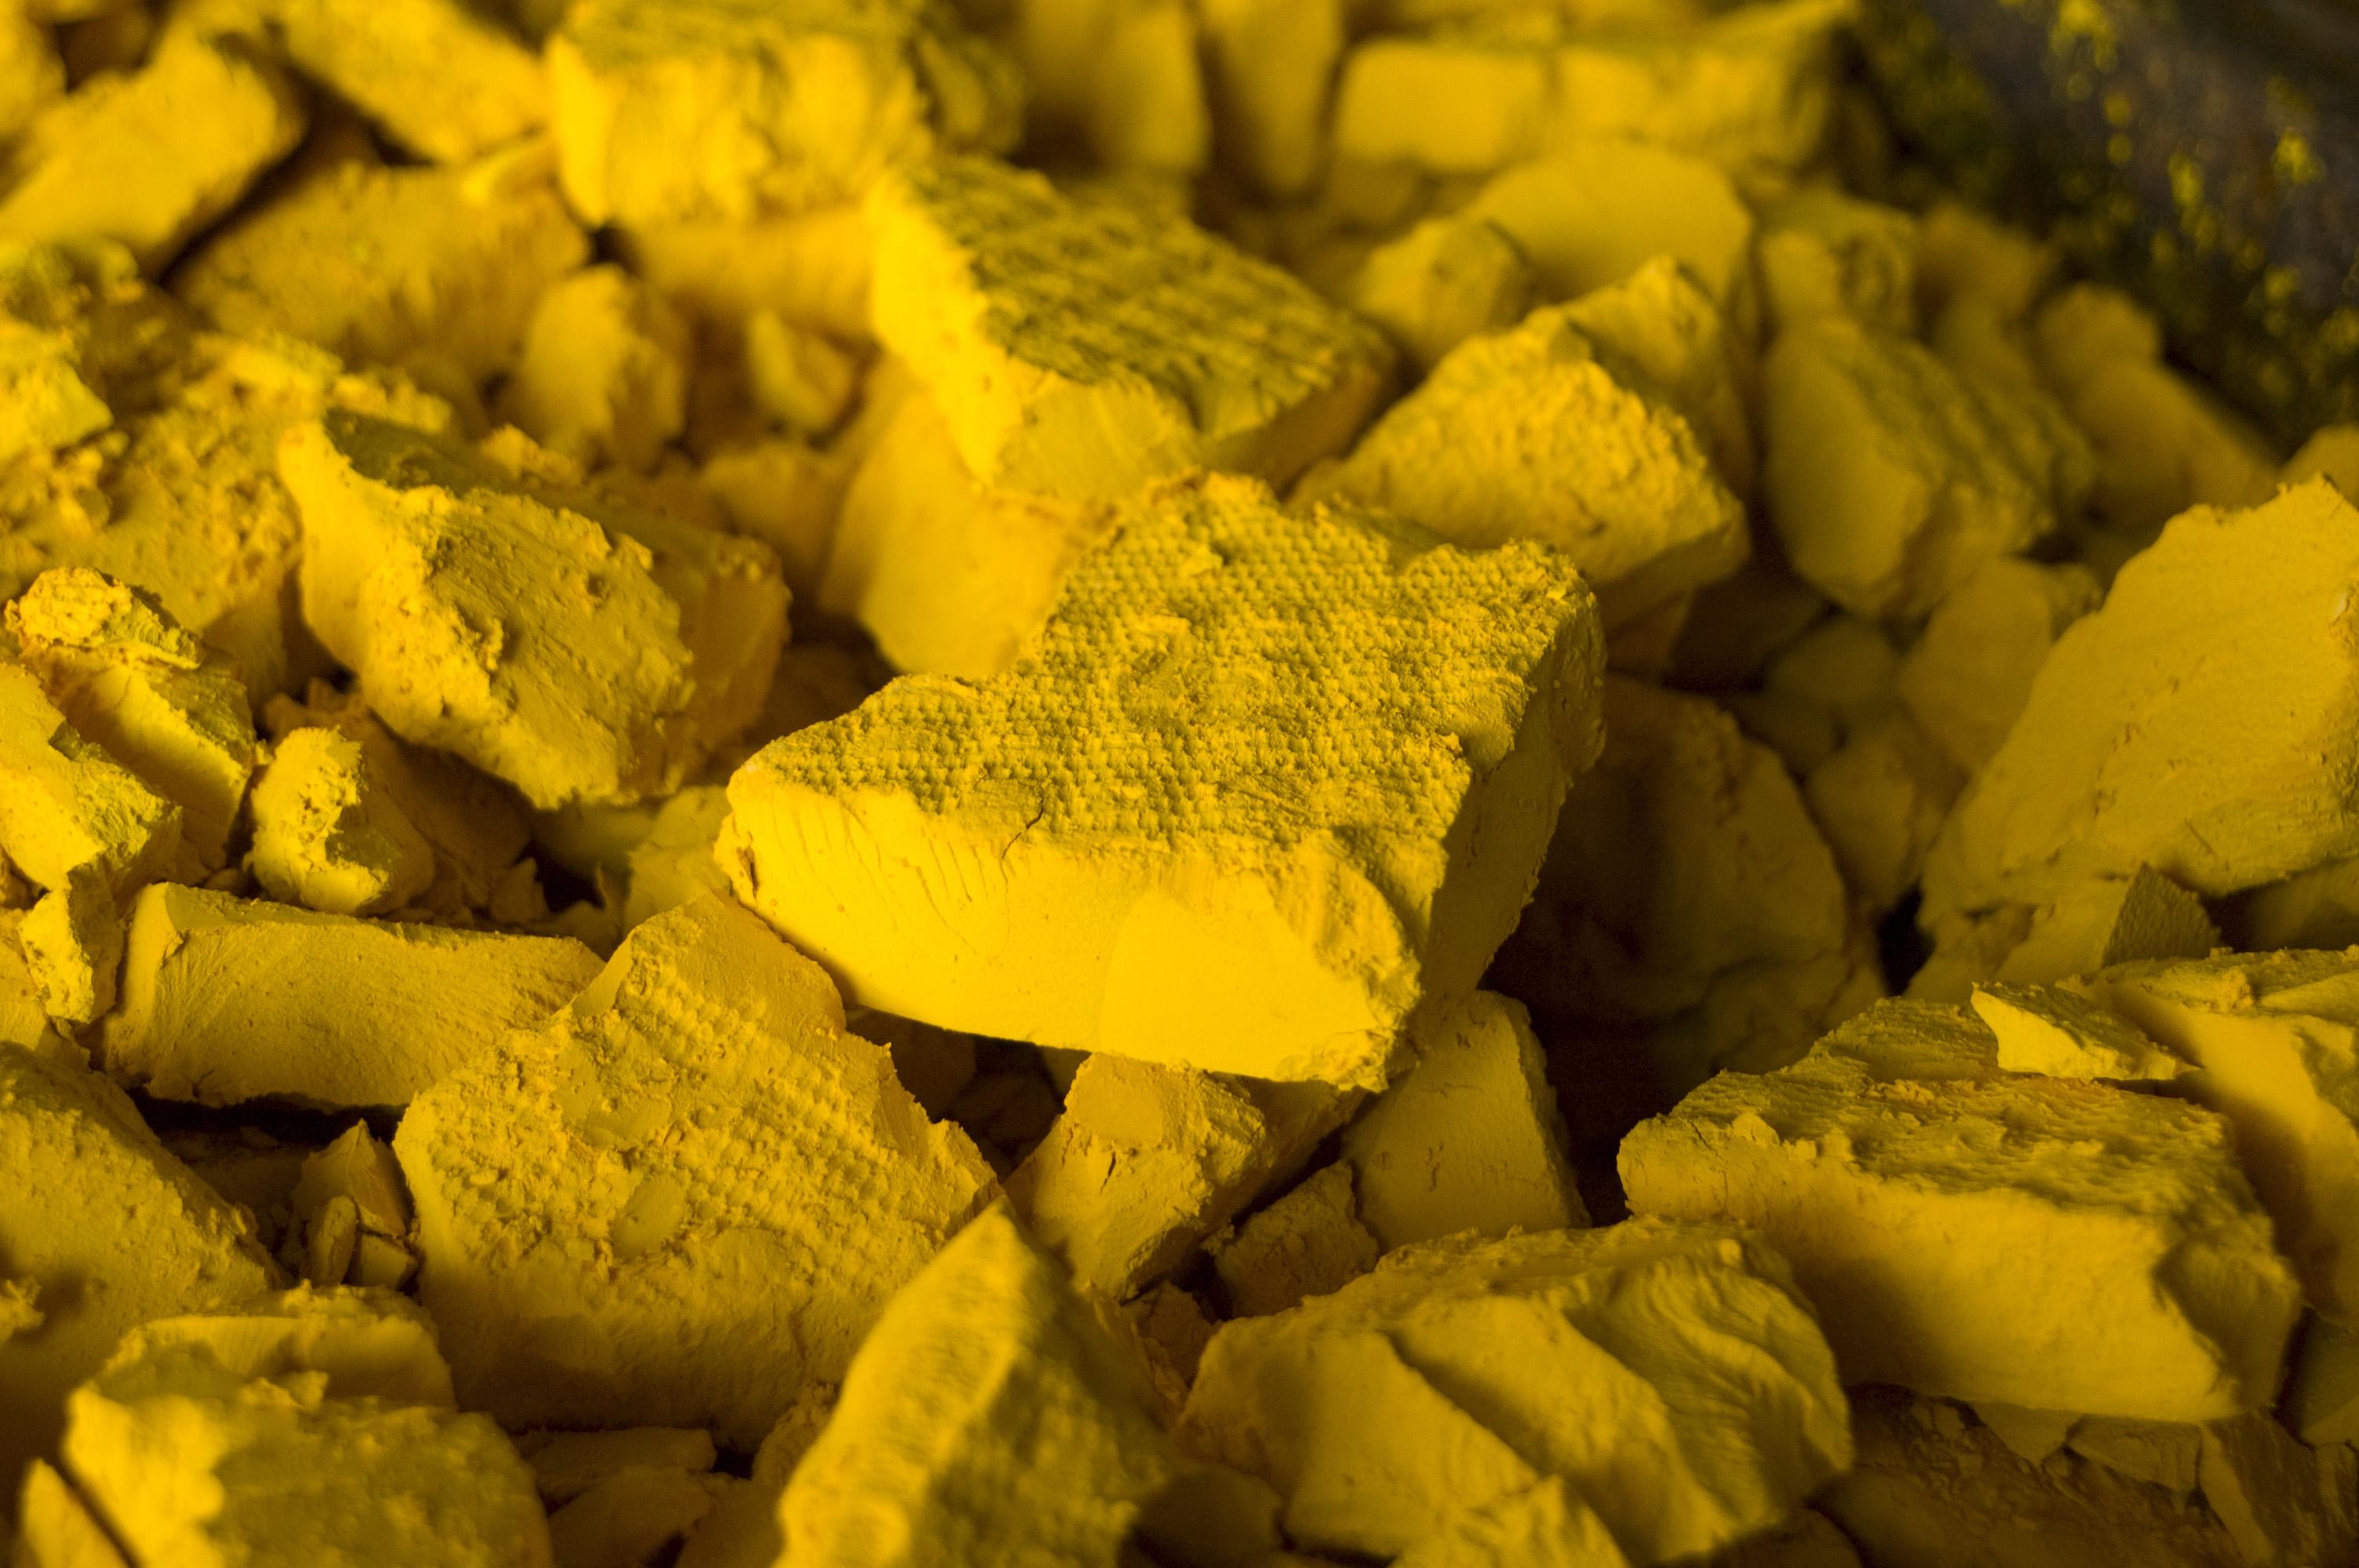 Solid yellow uranium cakes.